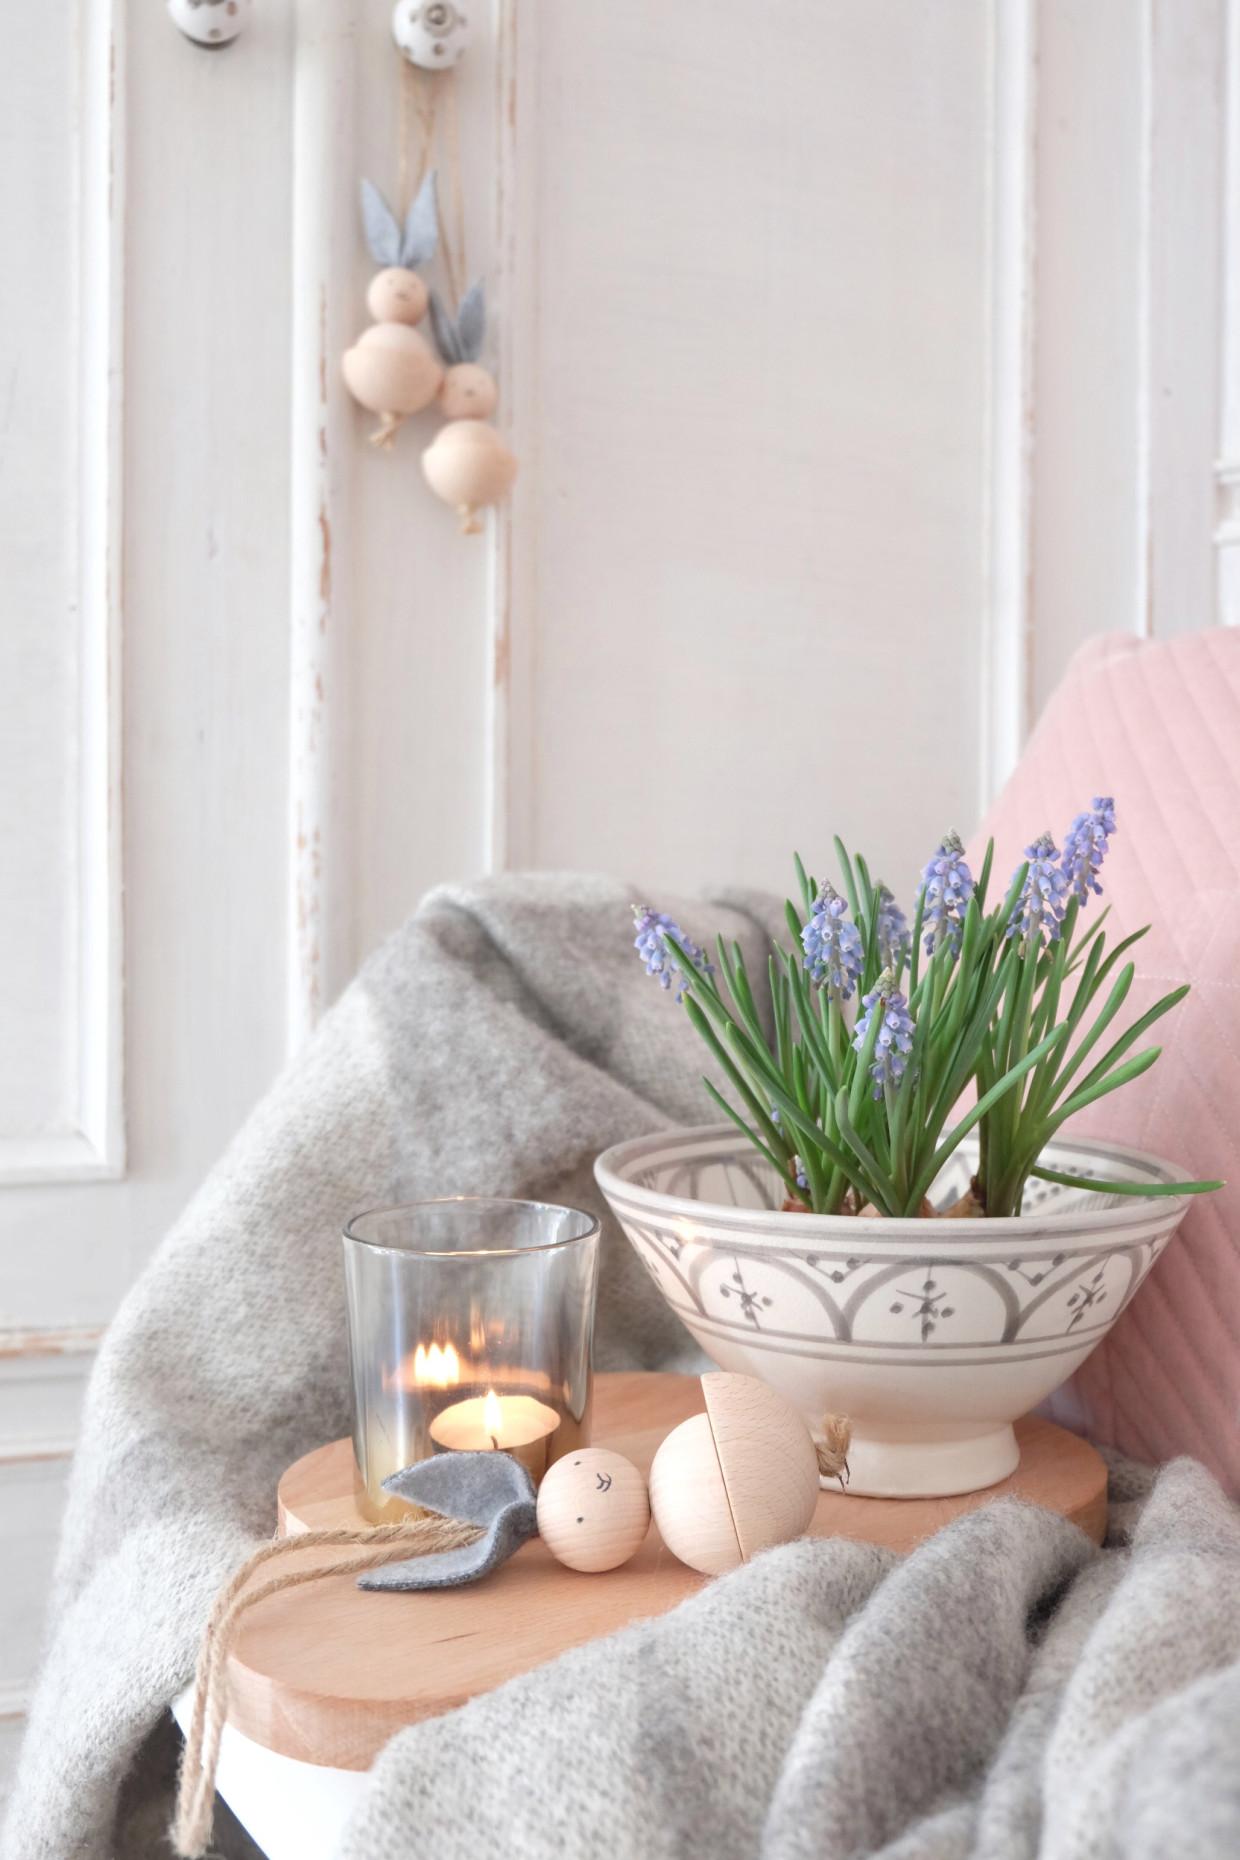 20 DIY-Nachmach-Ideen und Rezepte für den März, den Frühling und Ostern | https://mammilade.blogspot.de